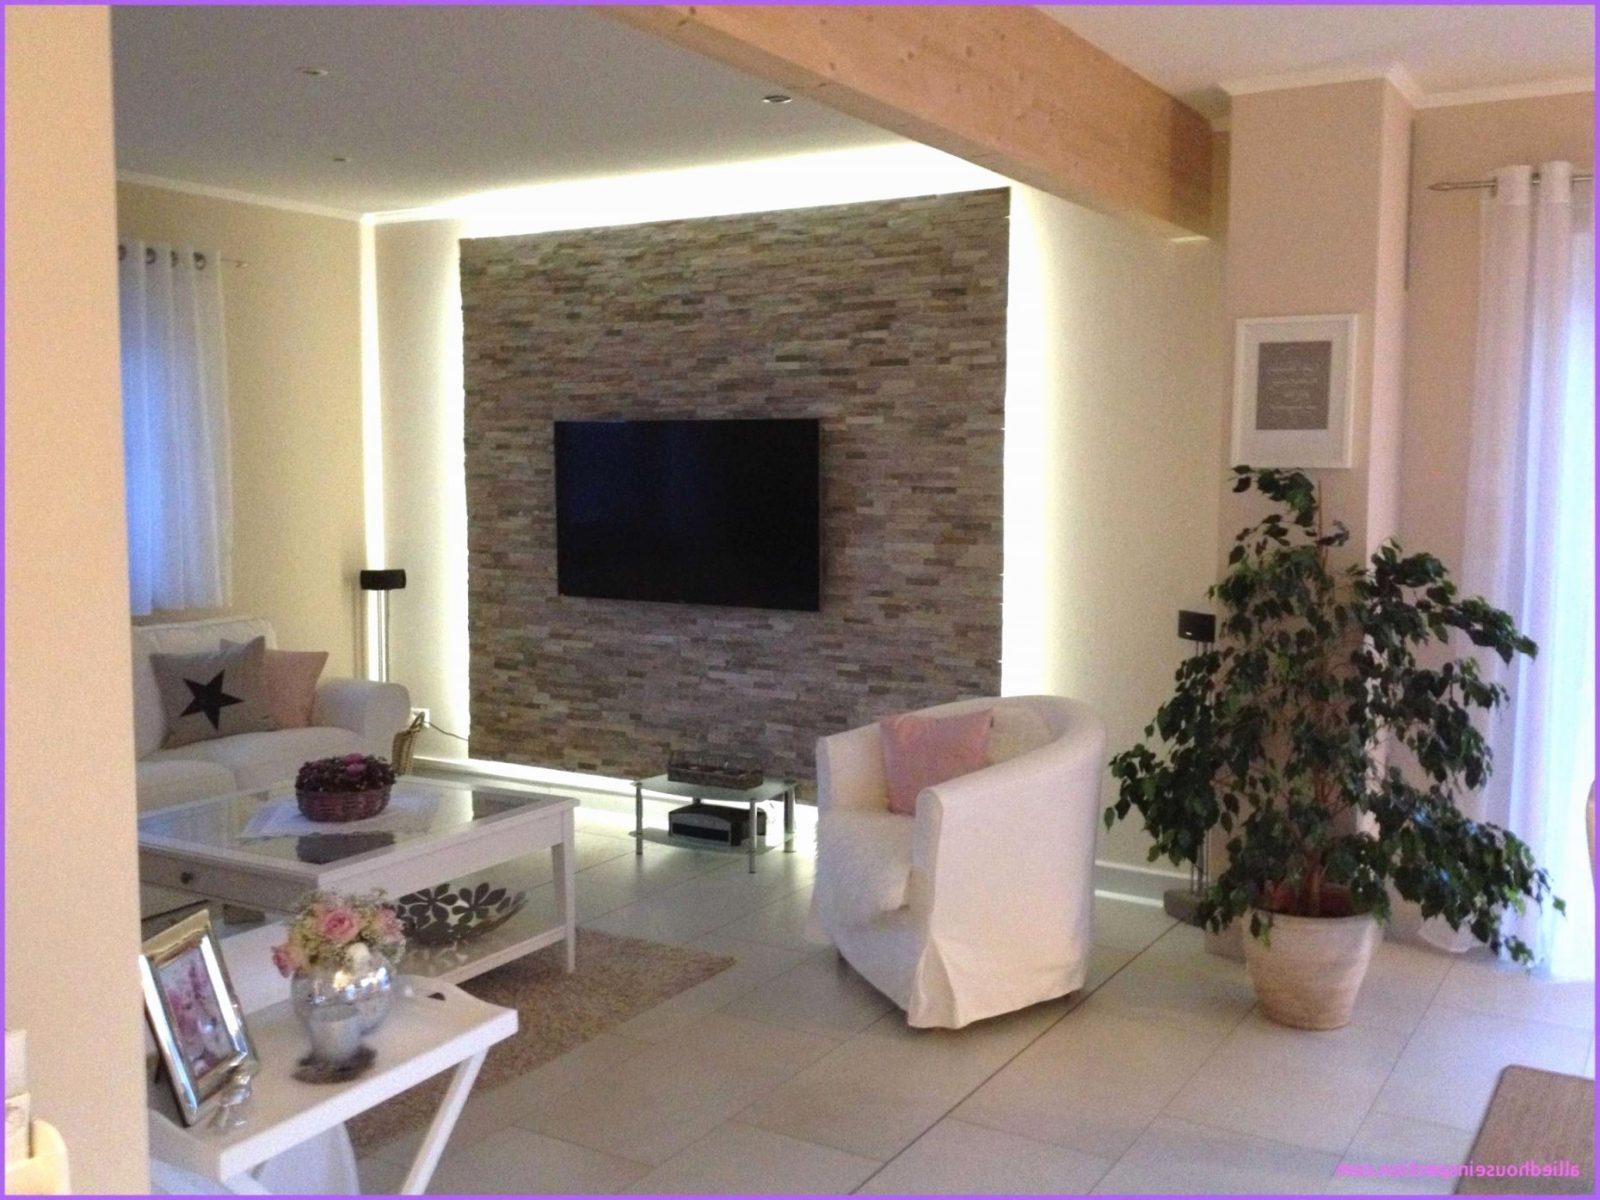 Dekoration Selber Machen Zimmer Designs Holz Deko Selber Machen von Zimmer Deko Ideen Selber Machen Photo